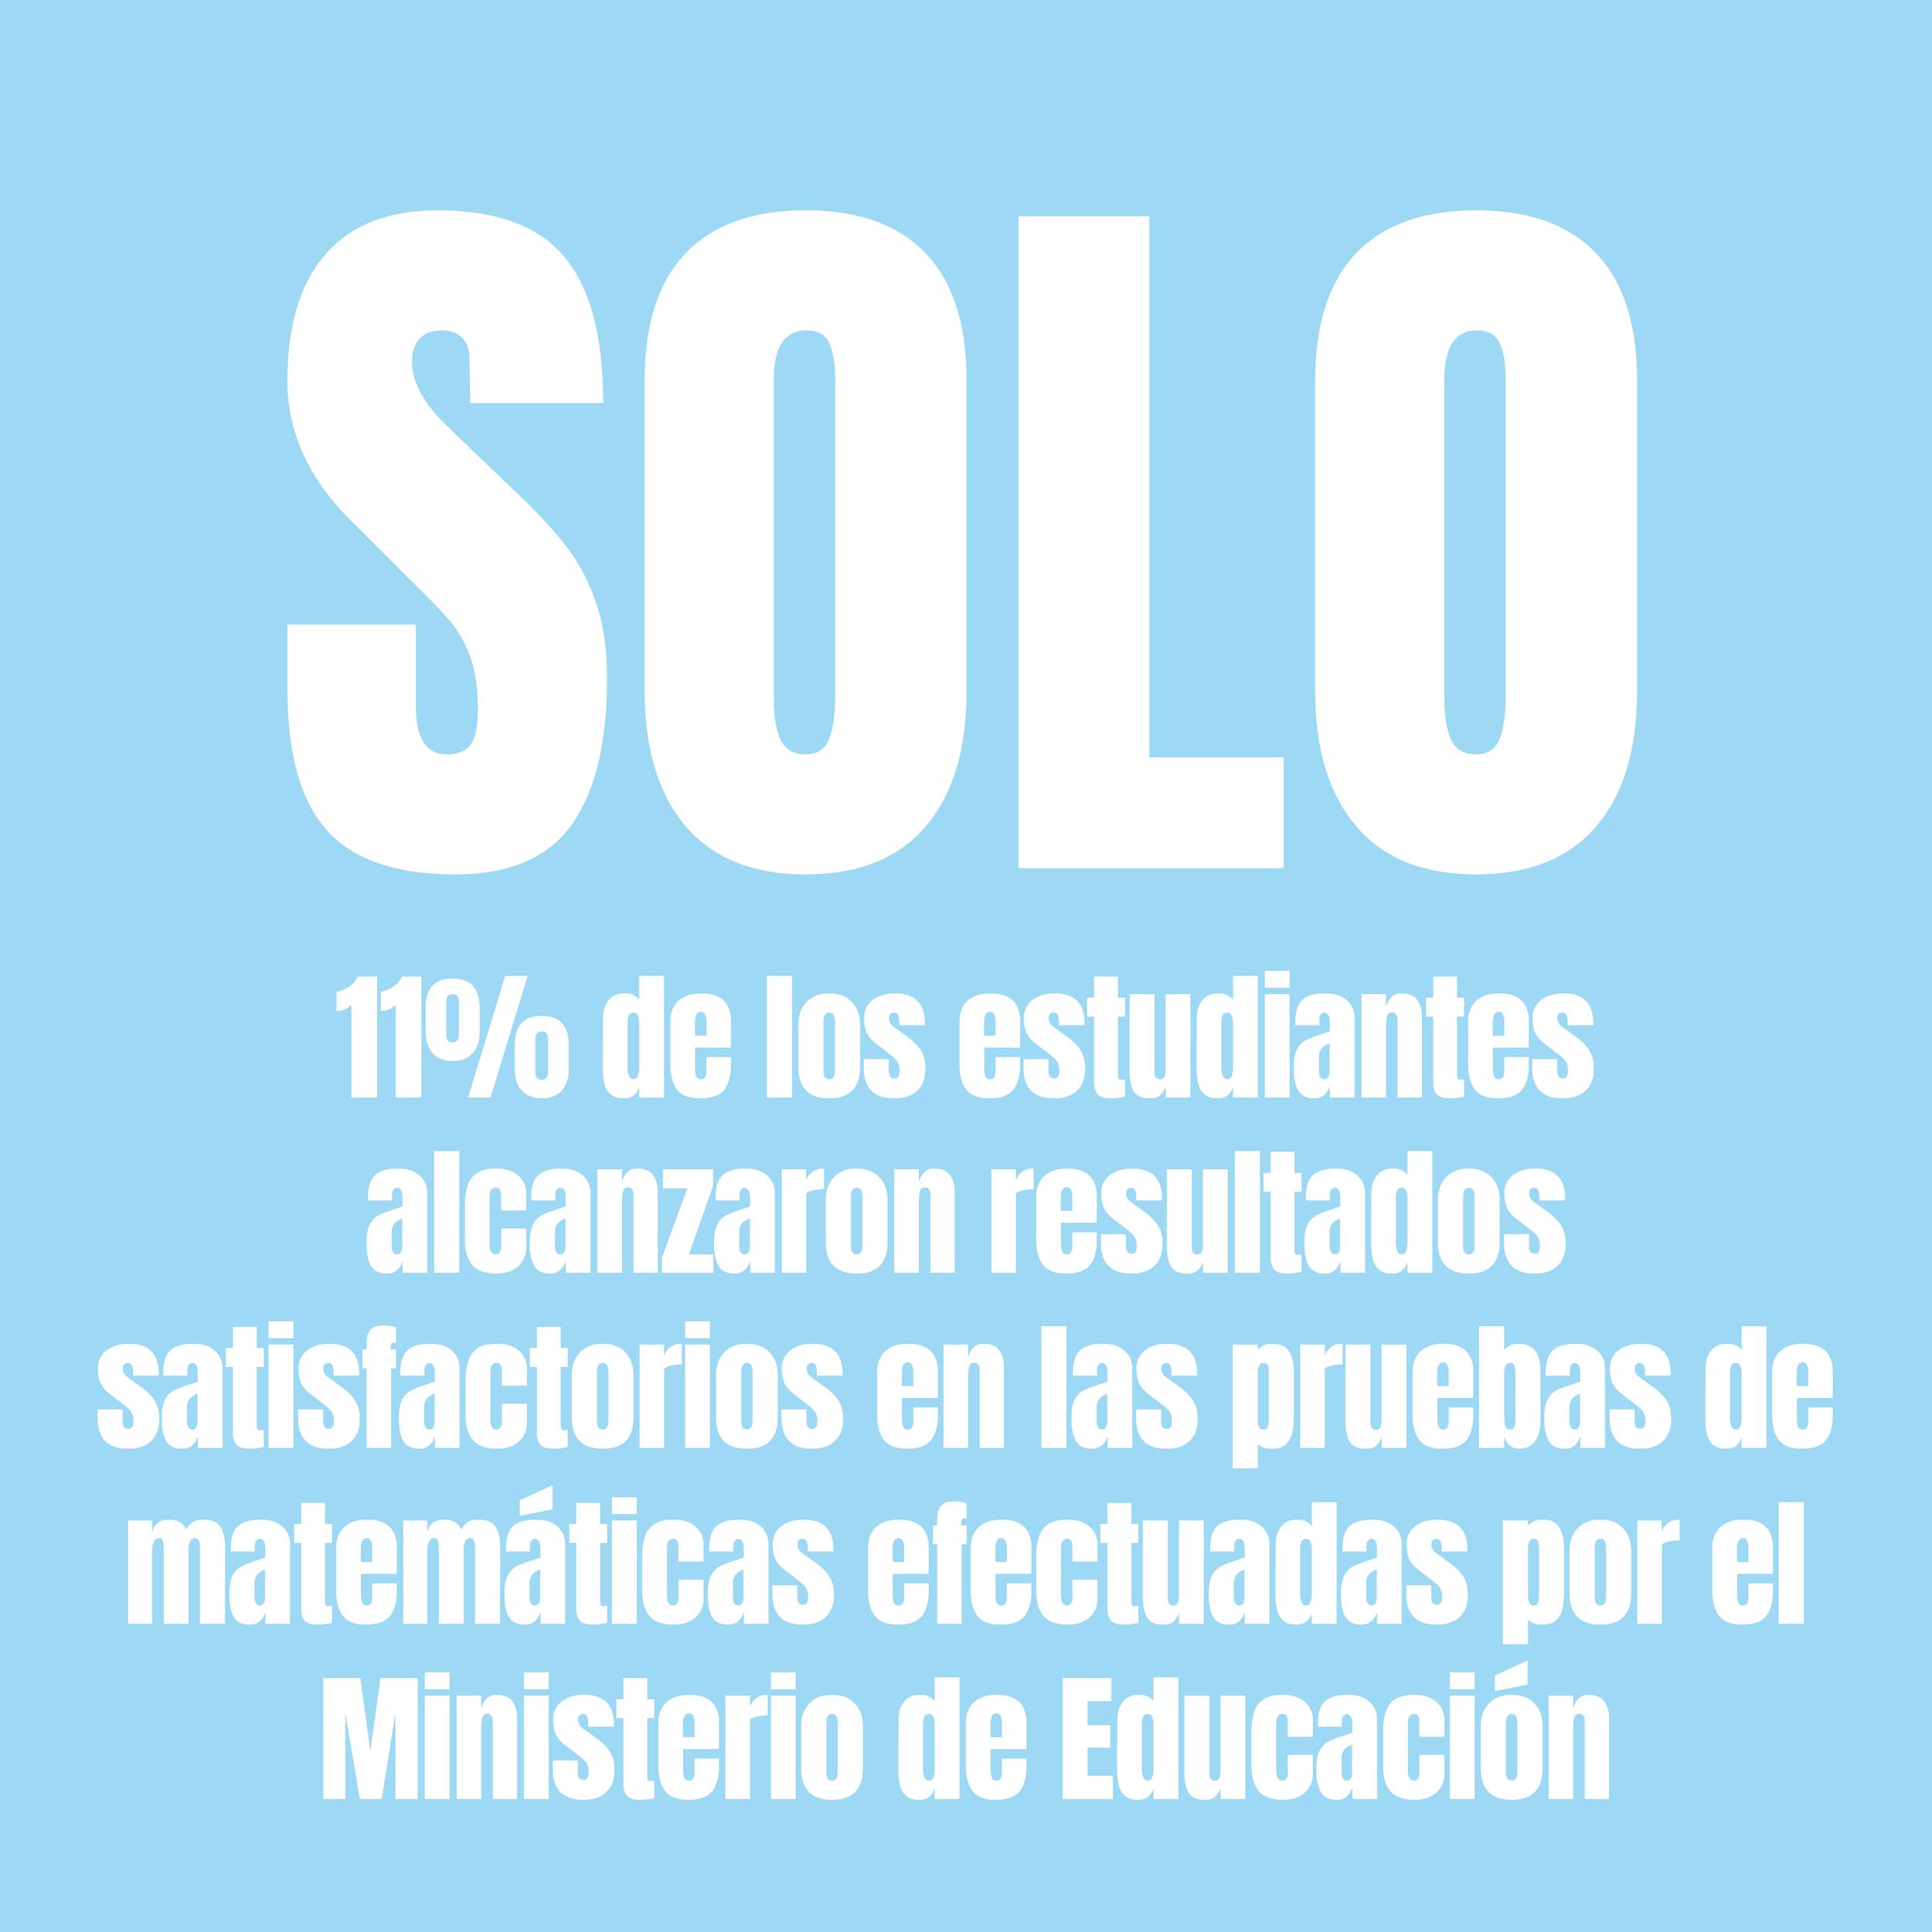 En la prueba nacional de lectura, solo el 35% de los estudiantes alcanzaron resultados satisfactorios y en el caso de matemática fueron solo 11% de los estudiantes.